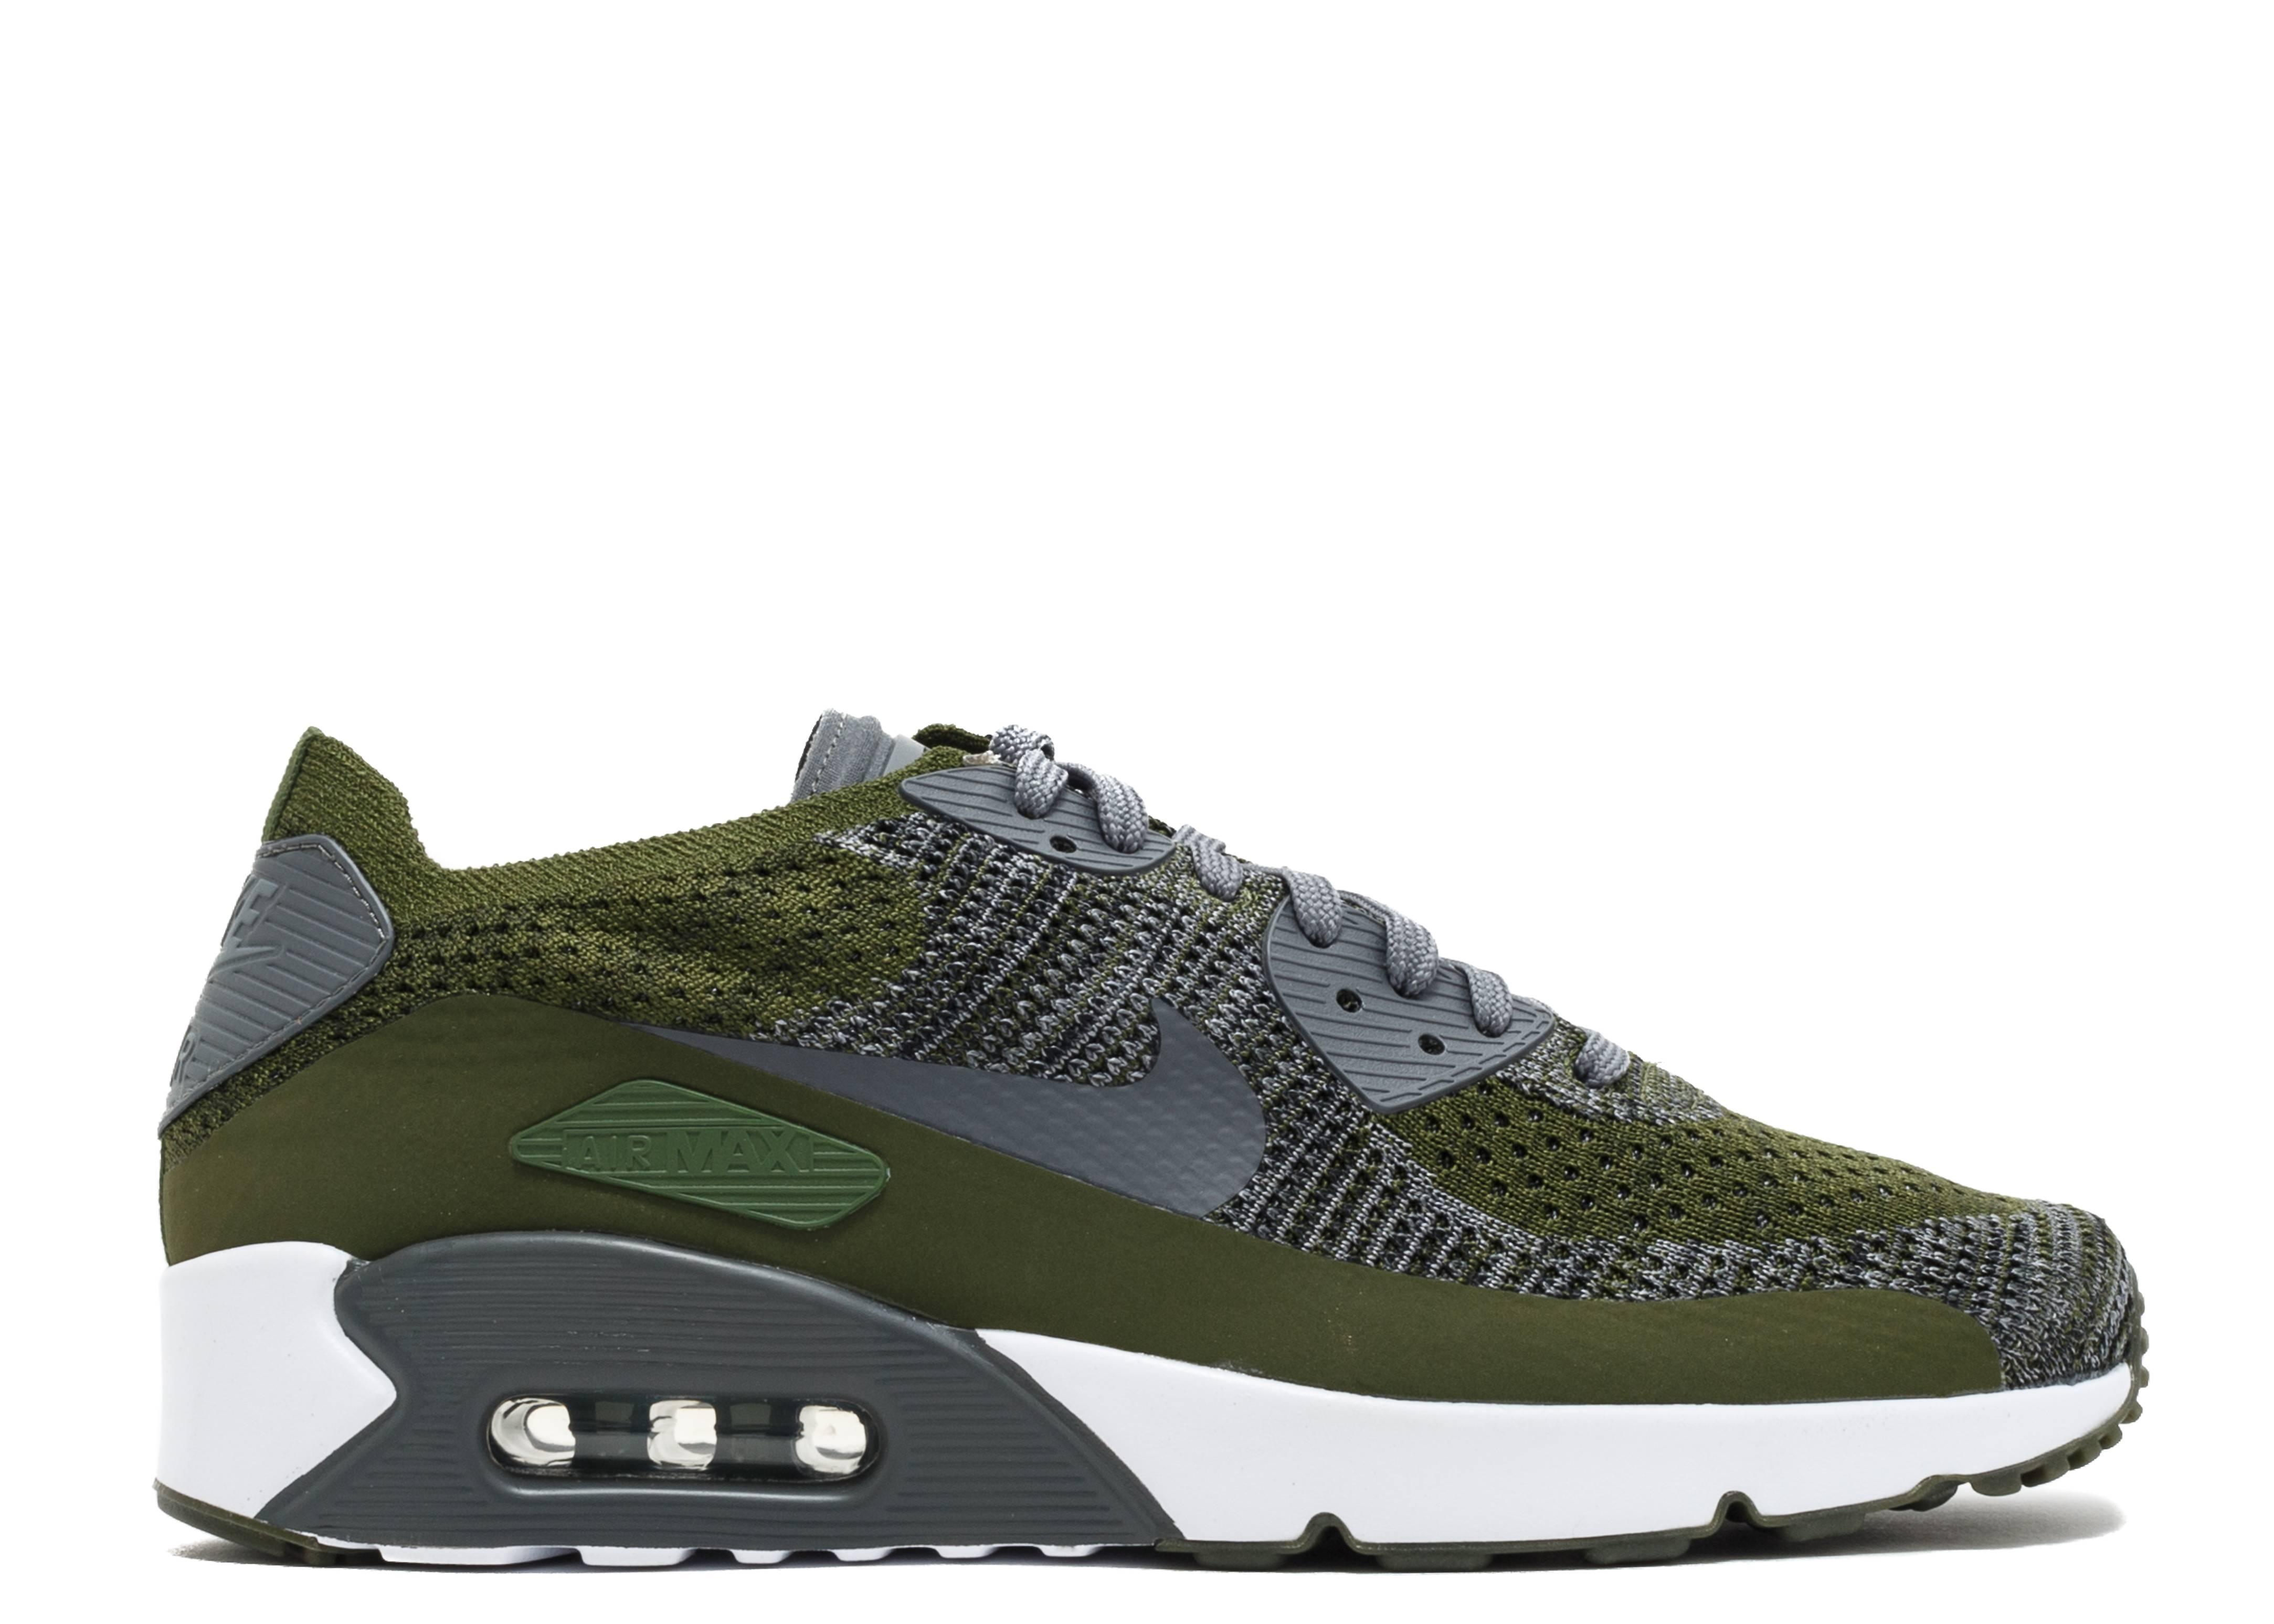 Air Max 90 Ultra 2.0 Flyknit - Nike - 875943 300 - rough green dark grey-  white  f46537efcc1a